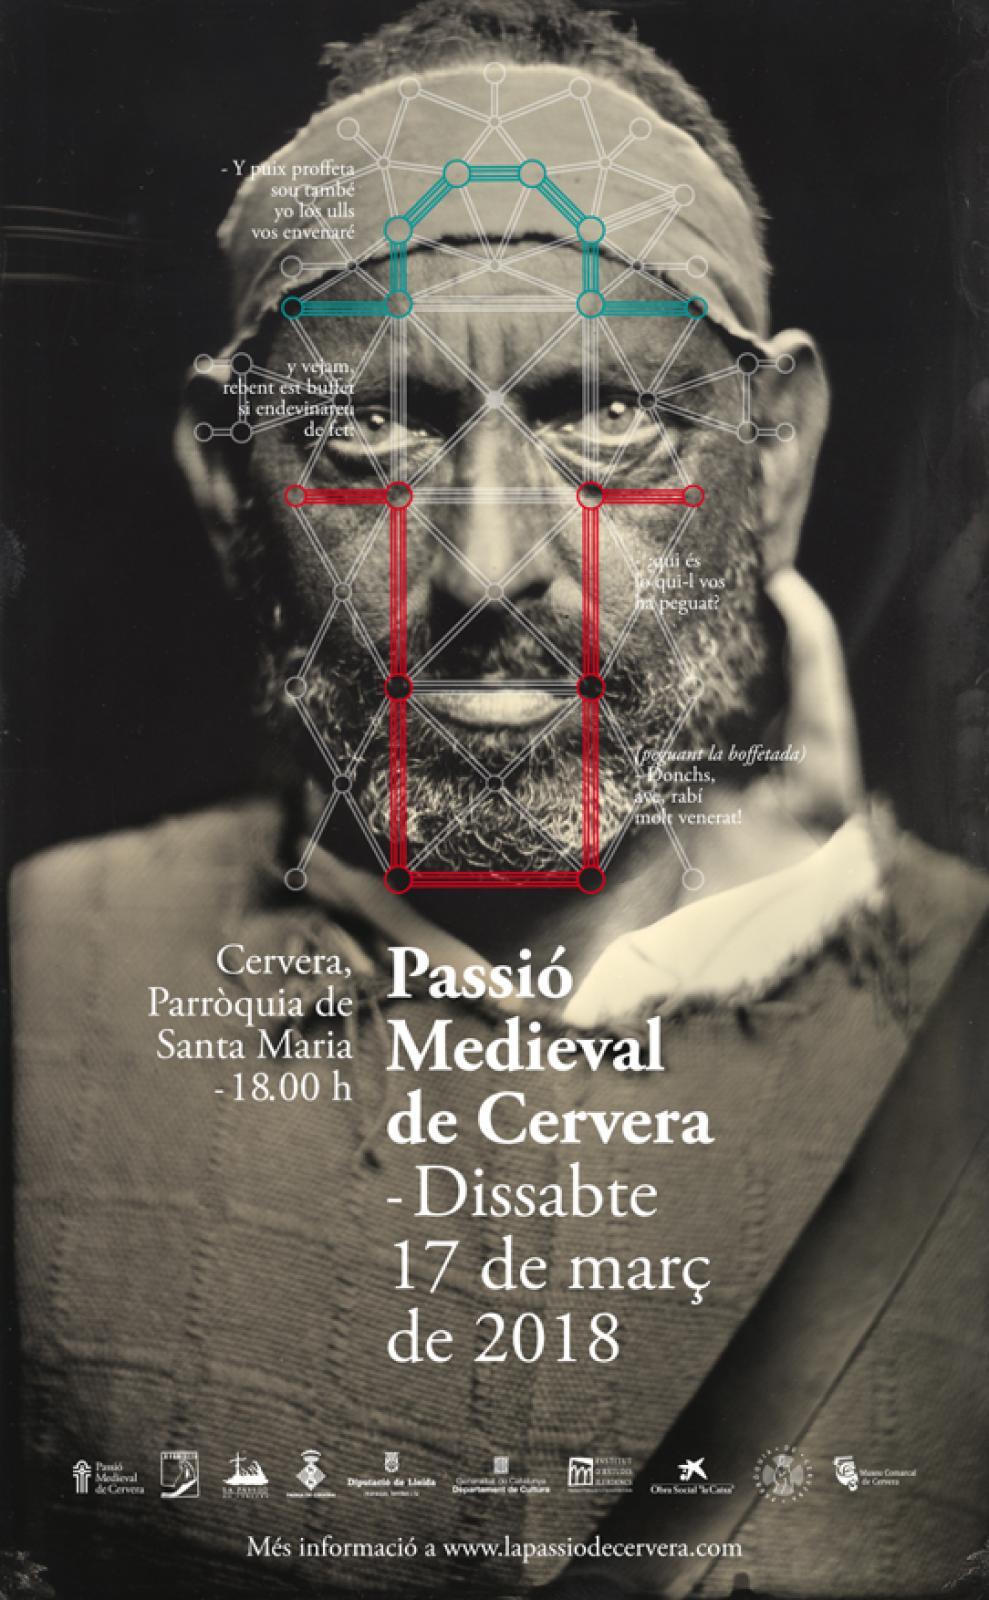 La Passió Medieval de Cervera